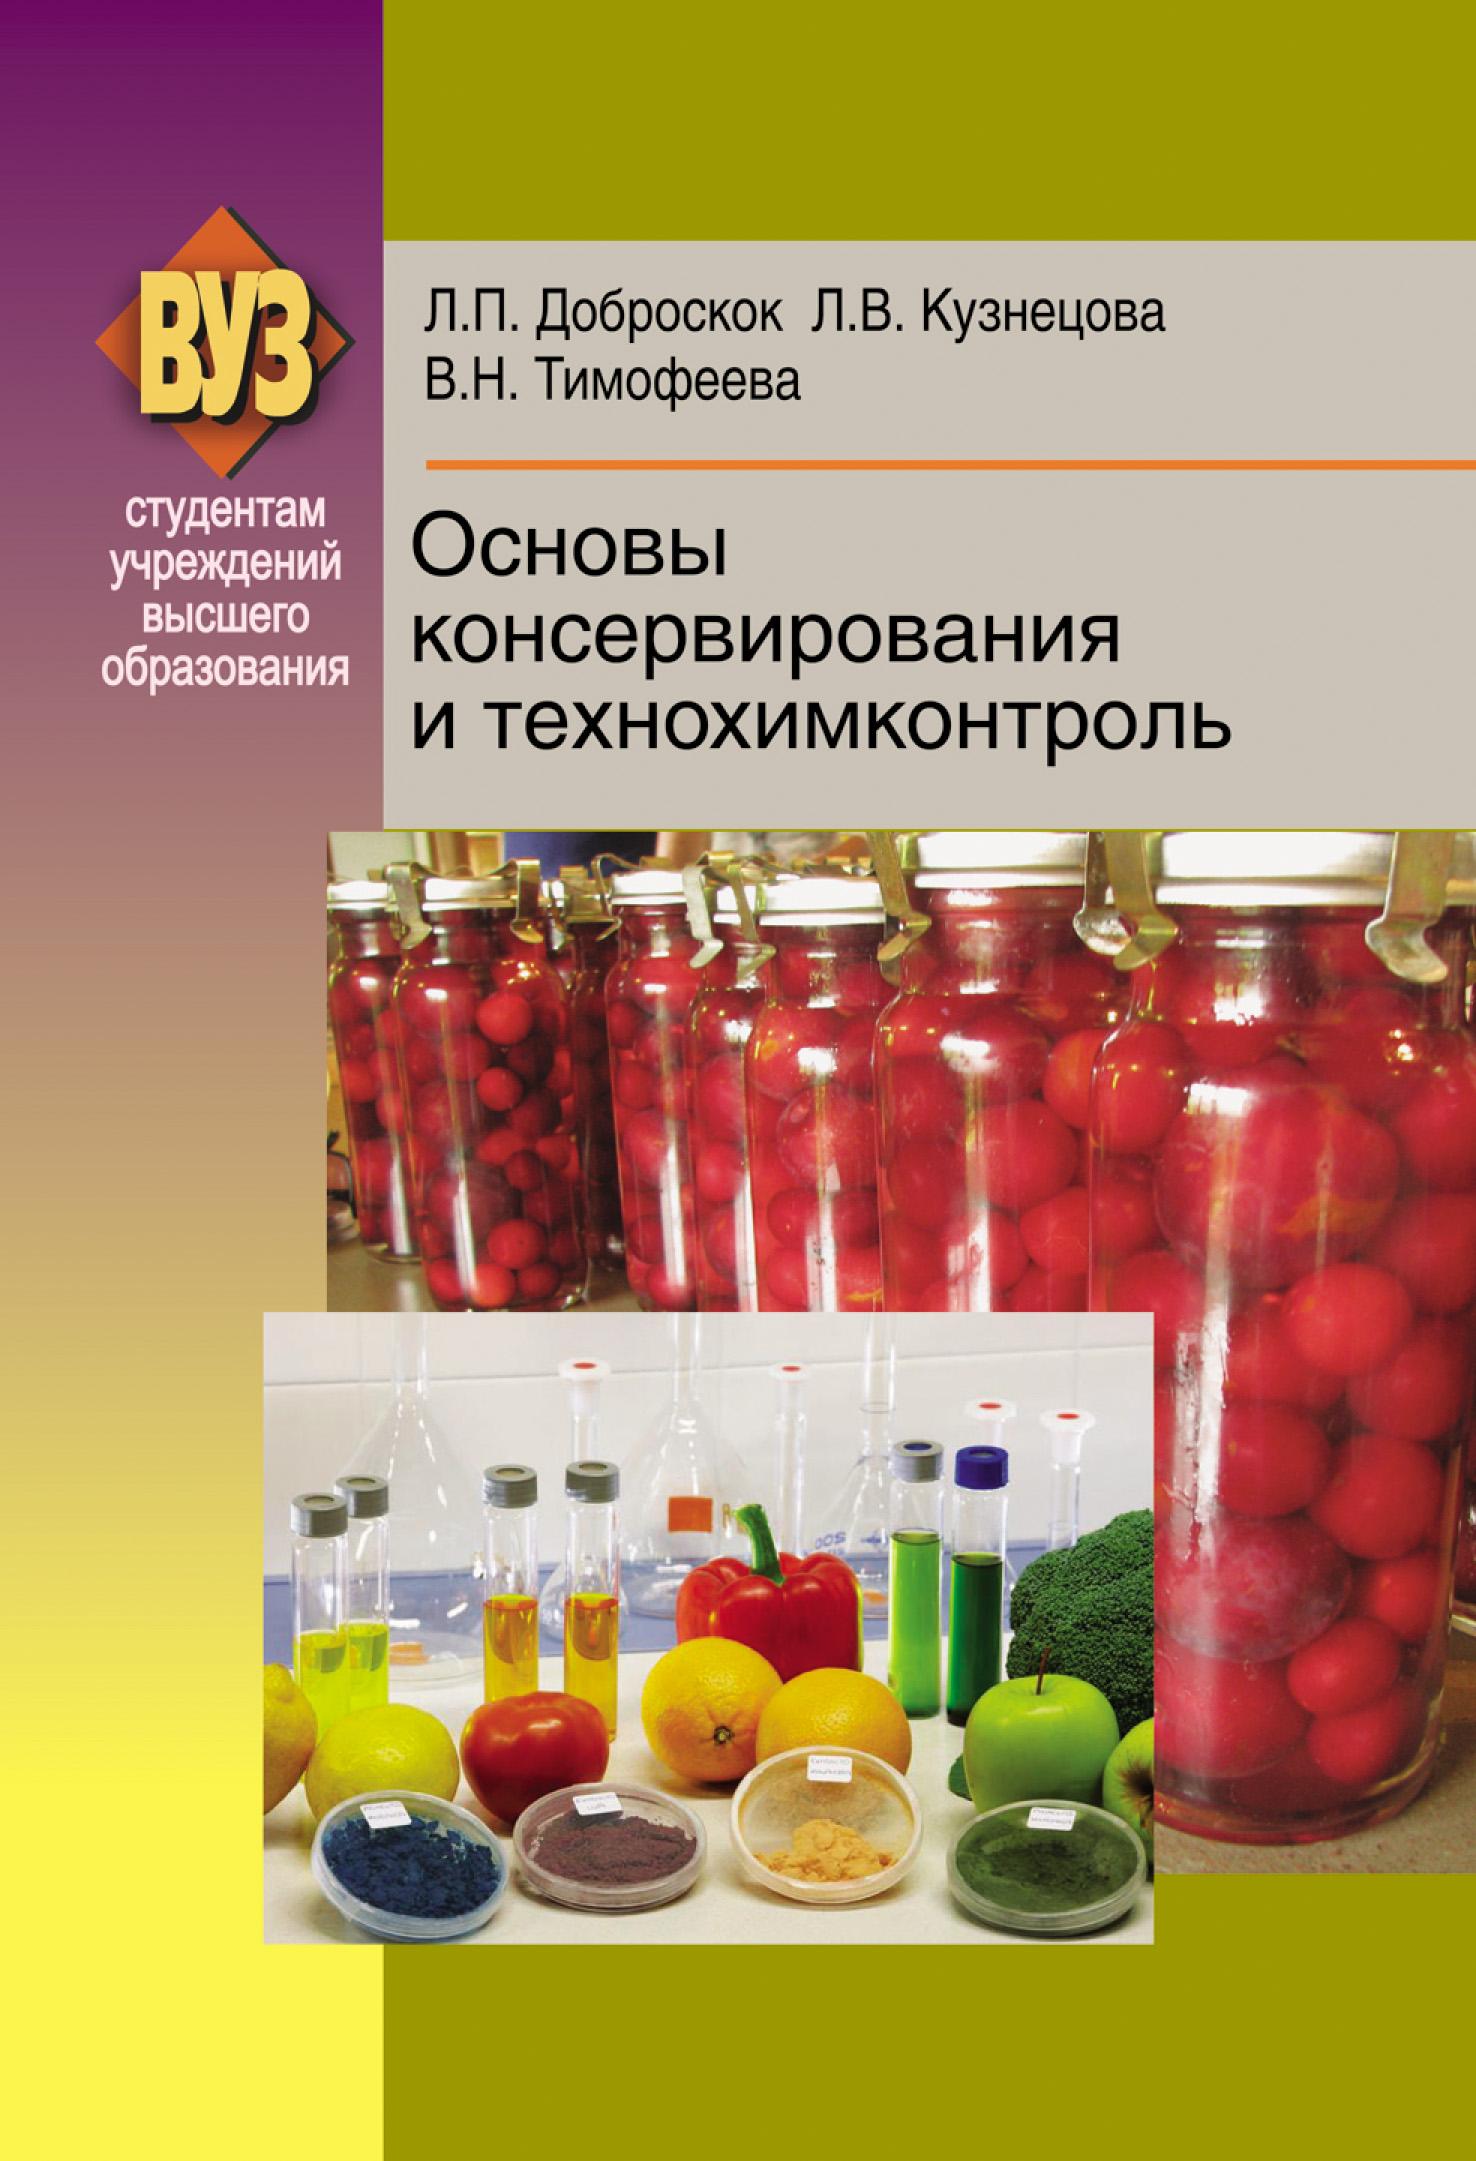 Л. П. Доброскок Основы консервирования и технохимконтроль